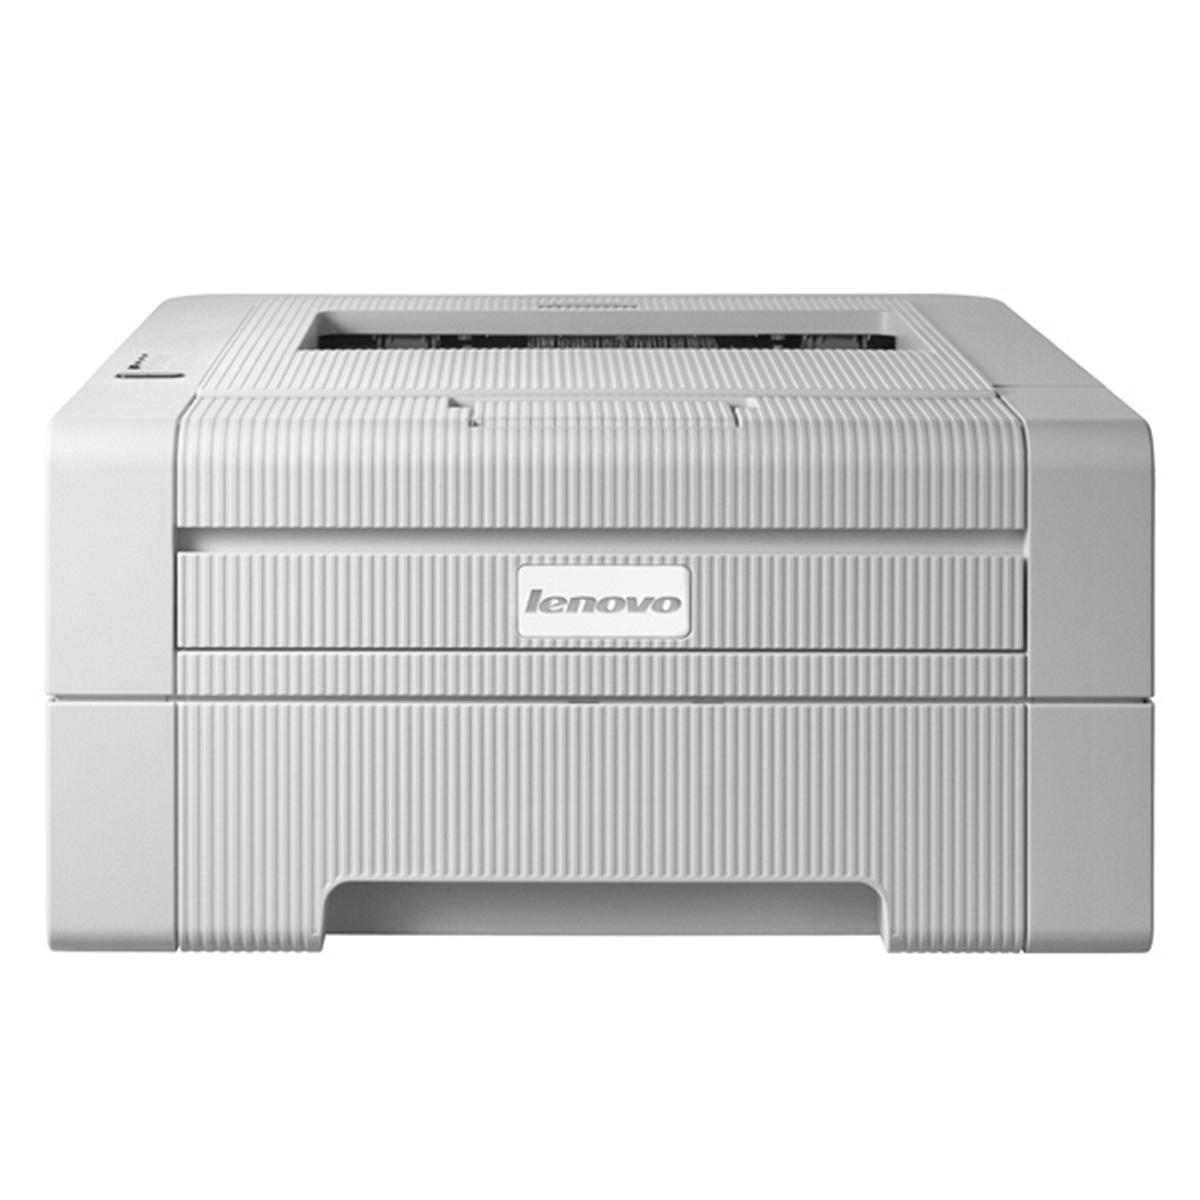 联想LJ2400L黑白激光打印机